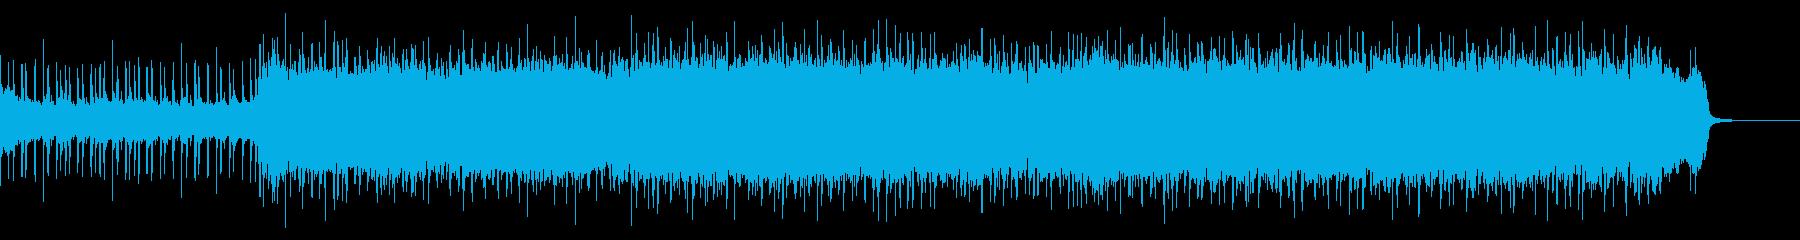 車、レース映像☆疾走感あるエレキロックの再生済みの波形